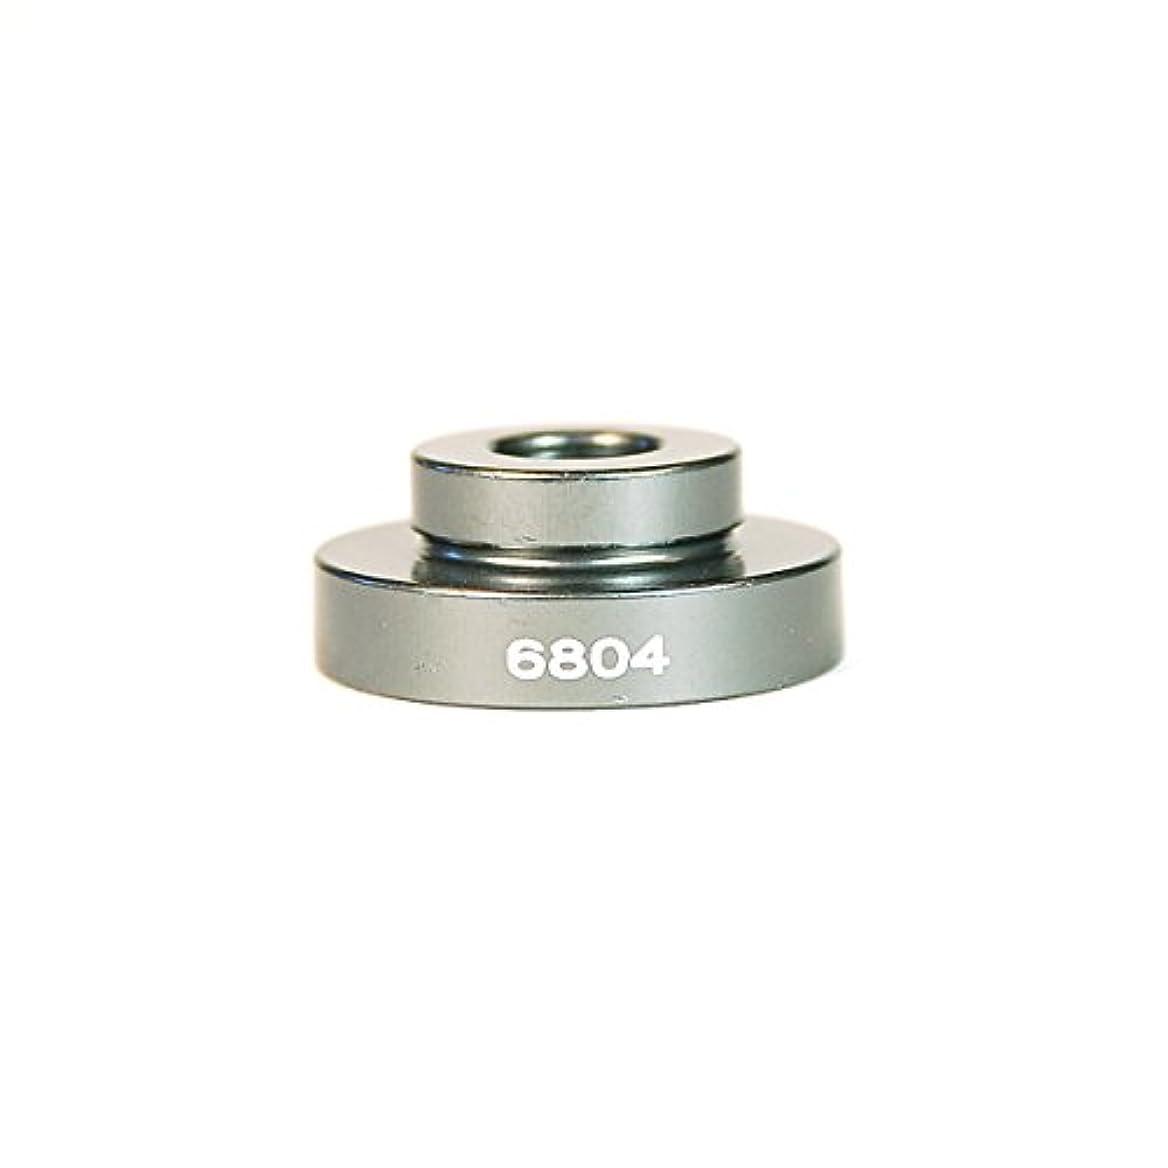 命令的任意グラムWheels Manufacturing 6804 Open Bore Adapter by Wheels Manufacturing